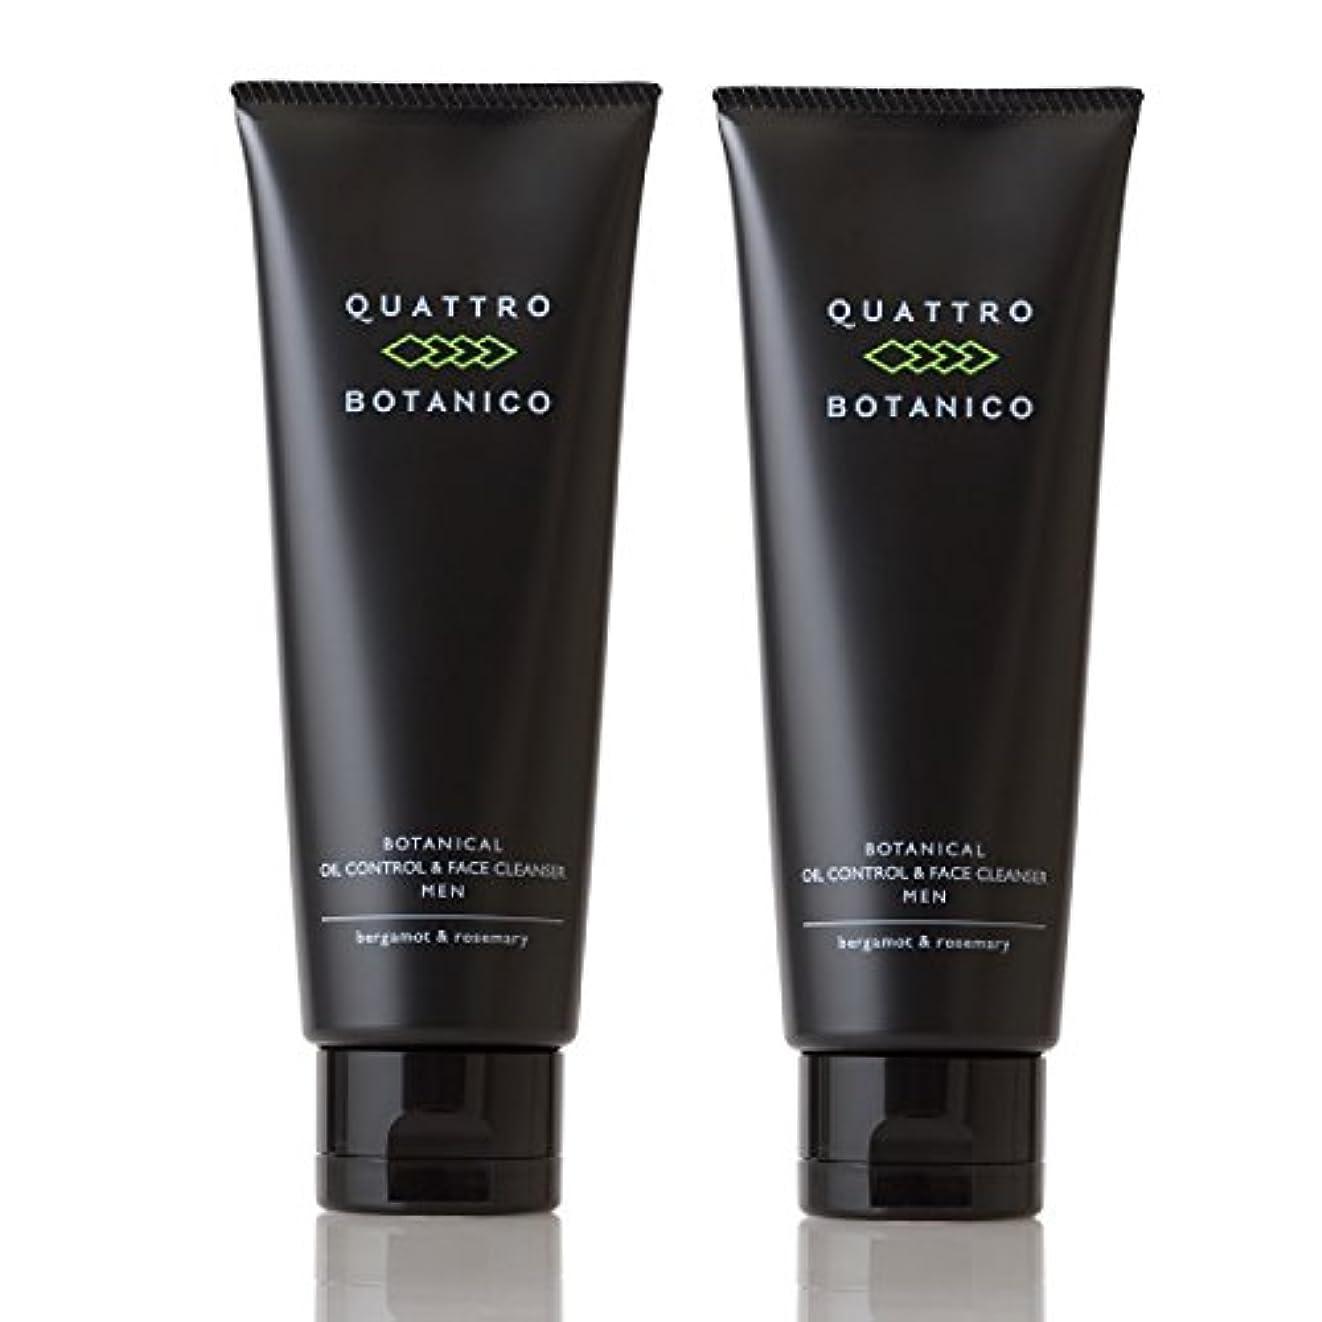 麻痺させるペリスコープ言語クワトロボタニコ (QUATTRO BOTANICO) 【 メンズ 洗顔 】 ボタニカル オイルコントロール & フェイスクレンザー (男性 スキンケア) 《お得な2本セット》 120g × 2本